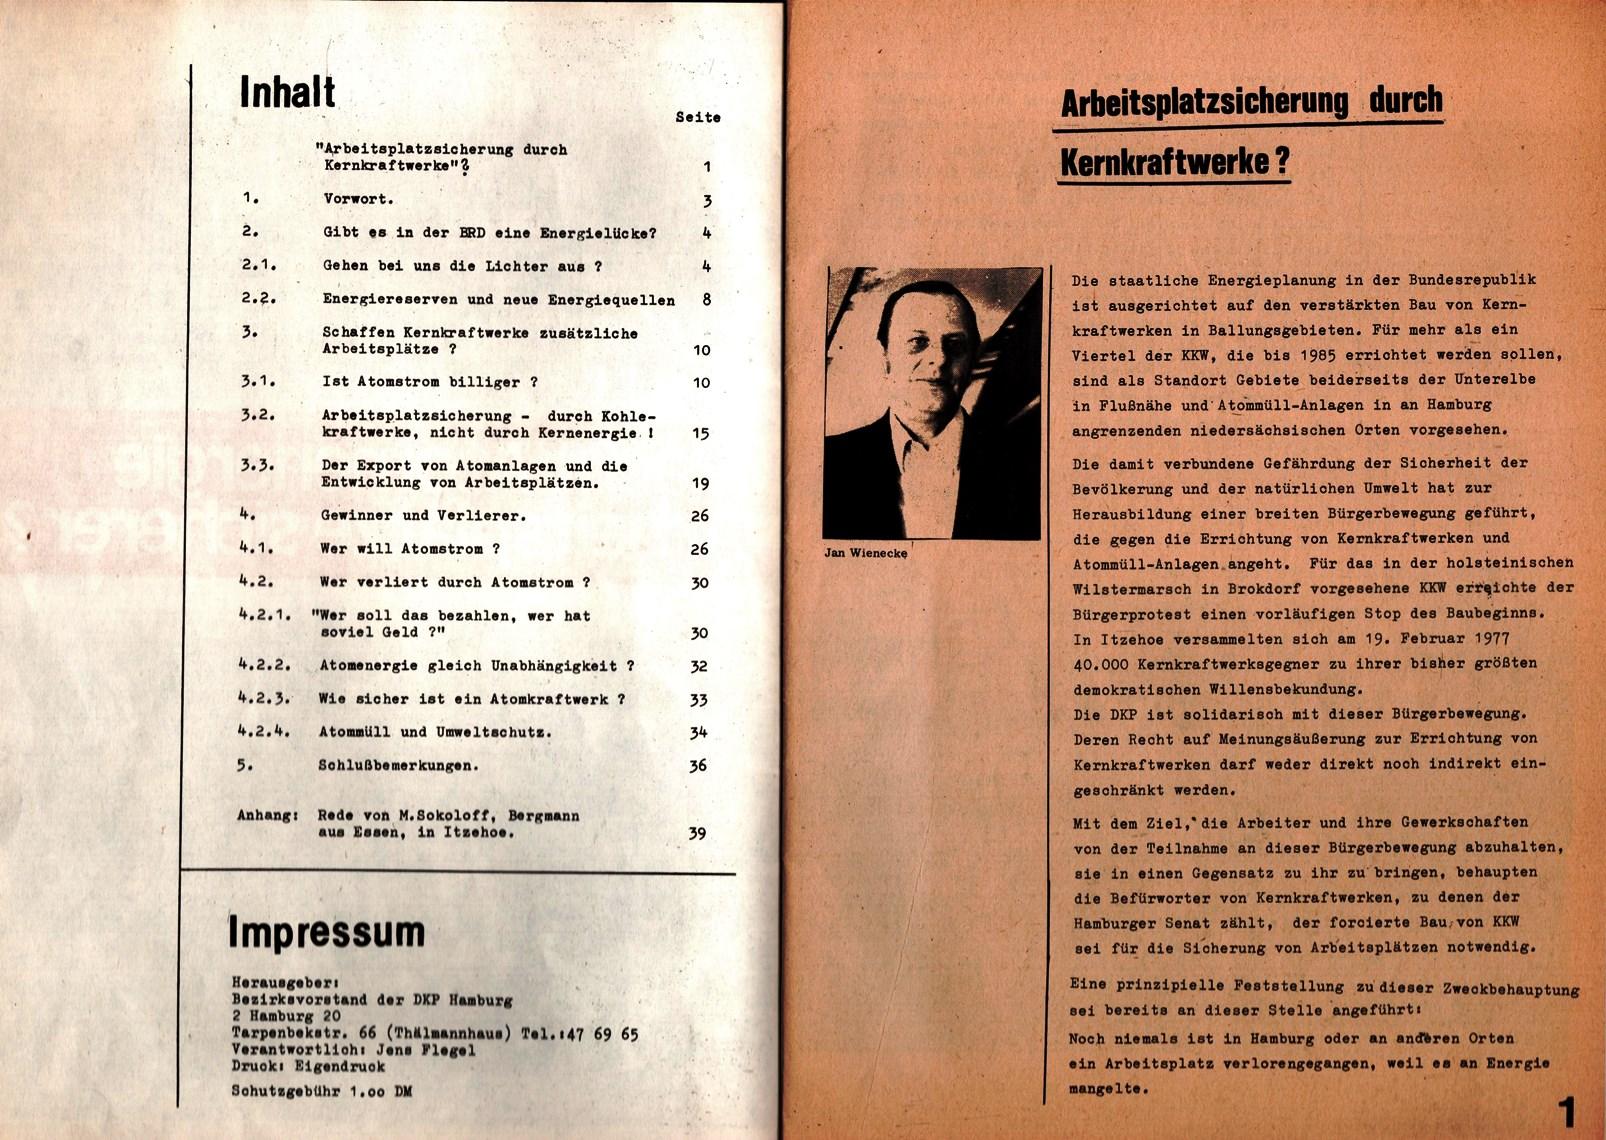 Hamburg_DKP_19770000_002